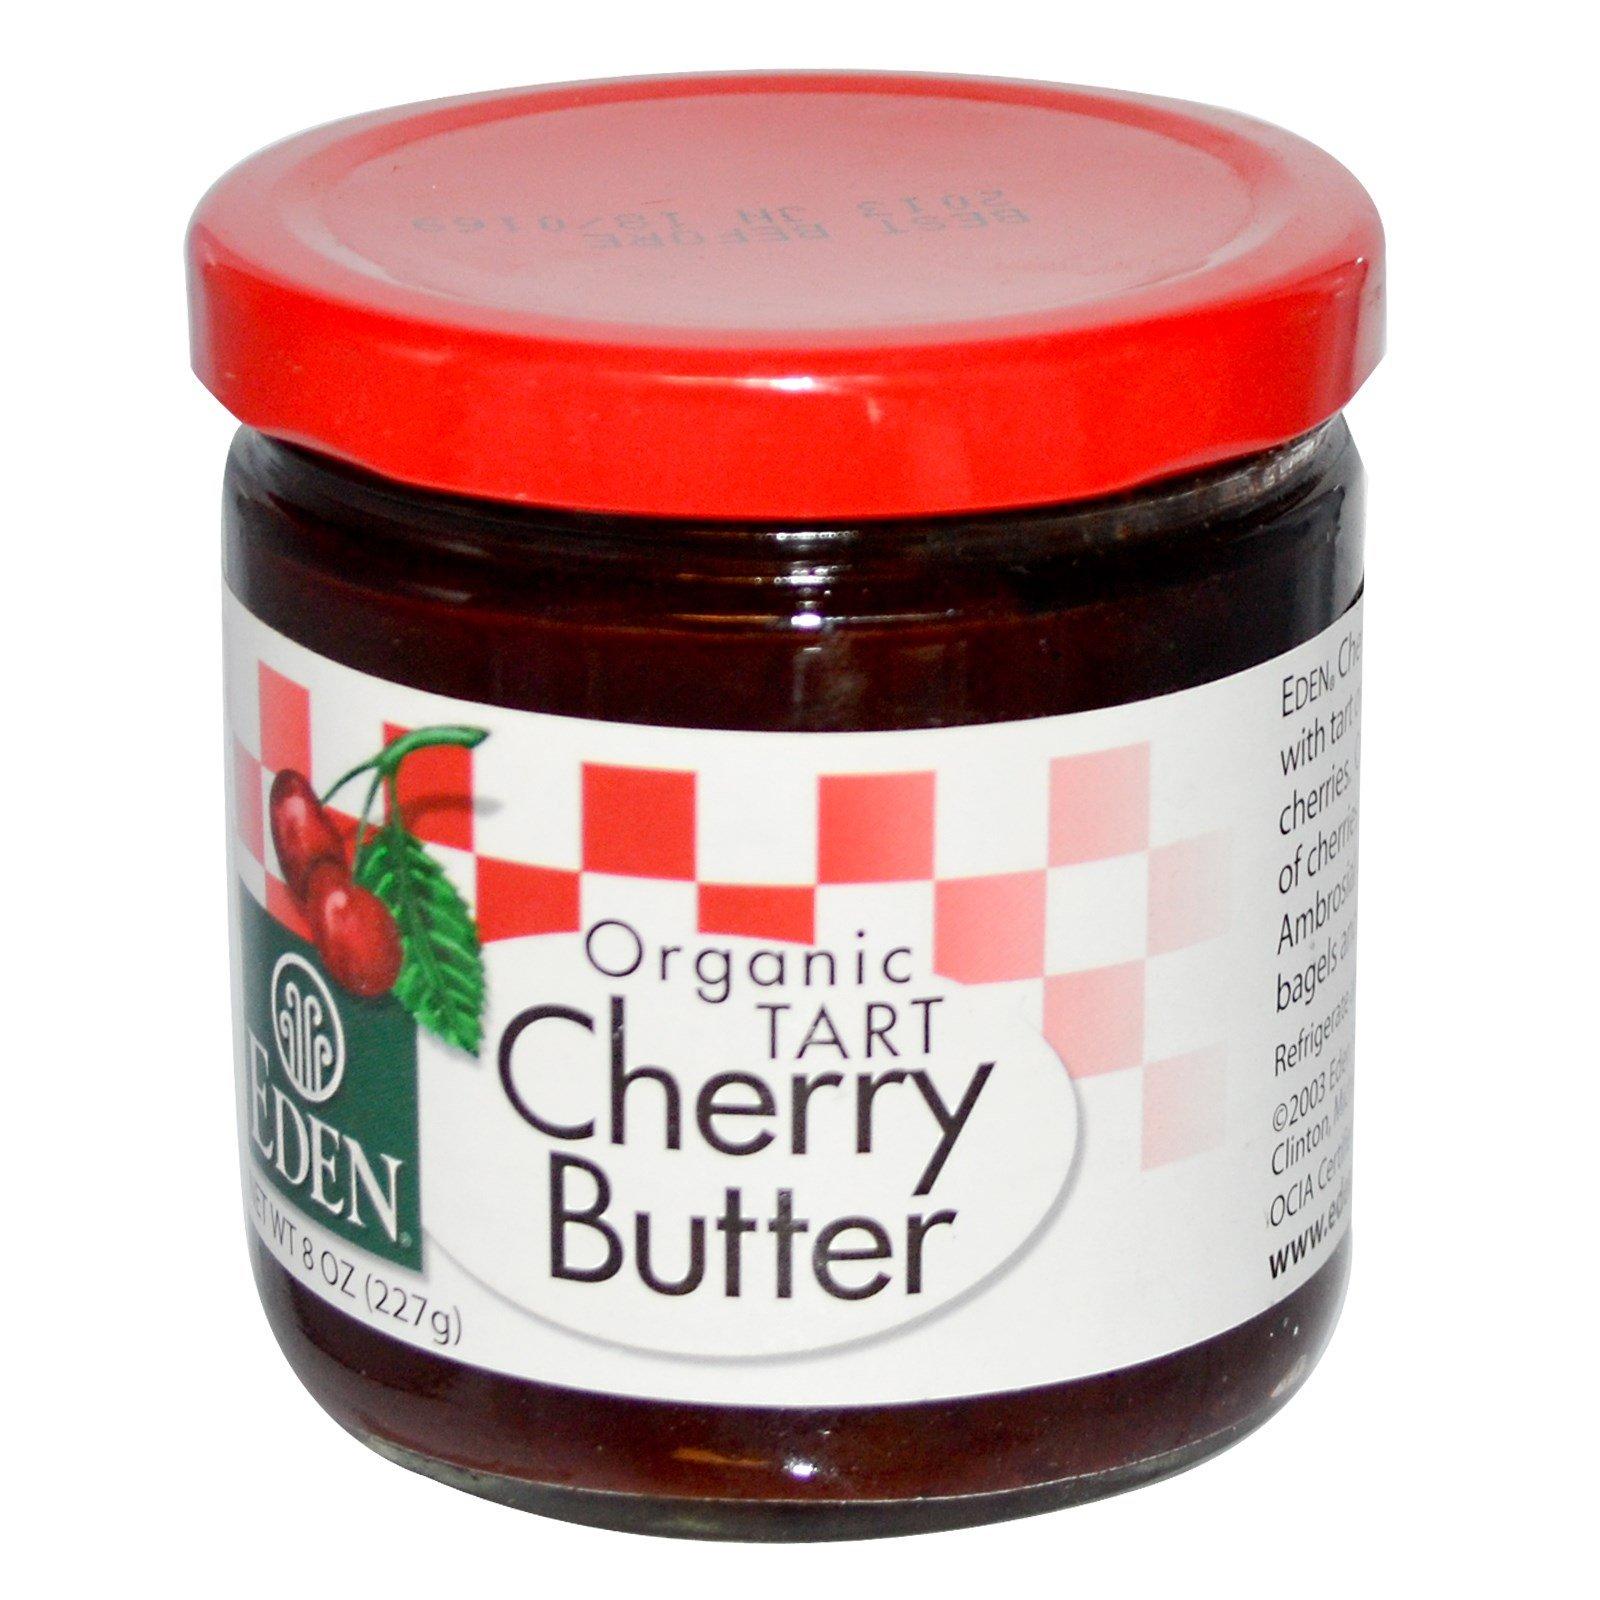 Eden Foods, Organic Tart Cherry Butter, 8 oz (227 g) - 3PC